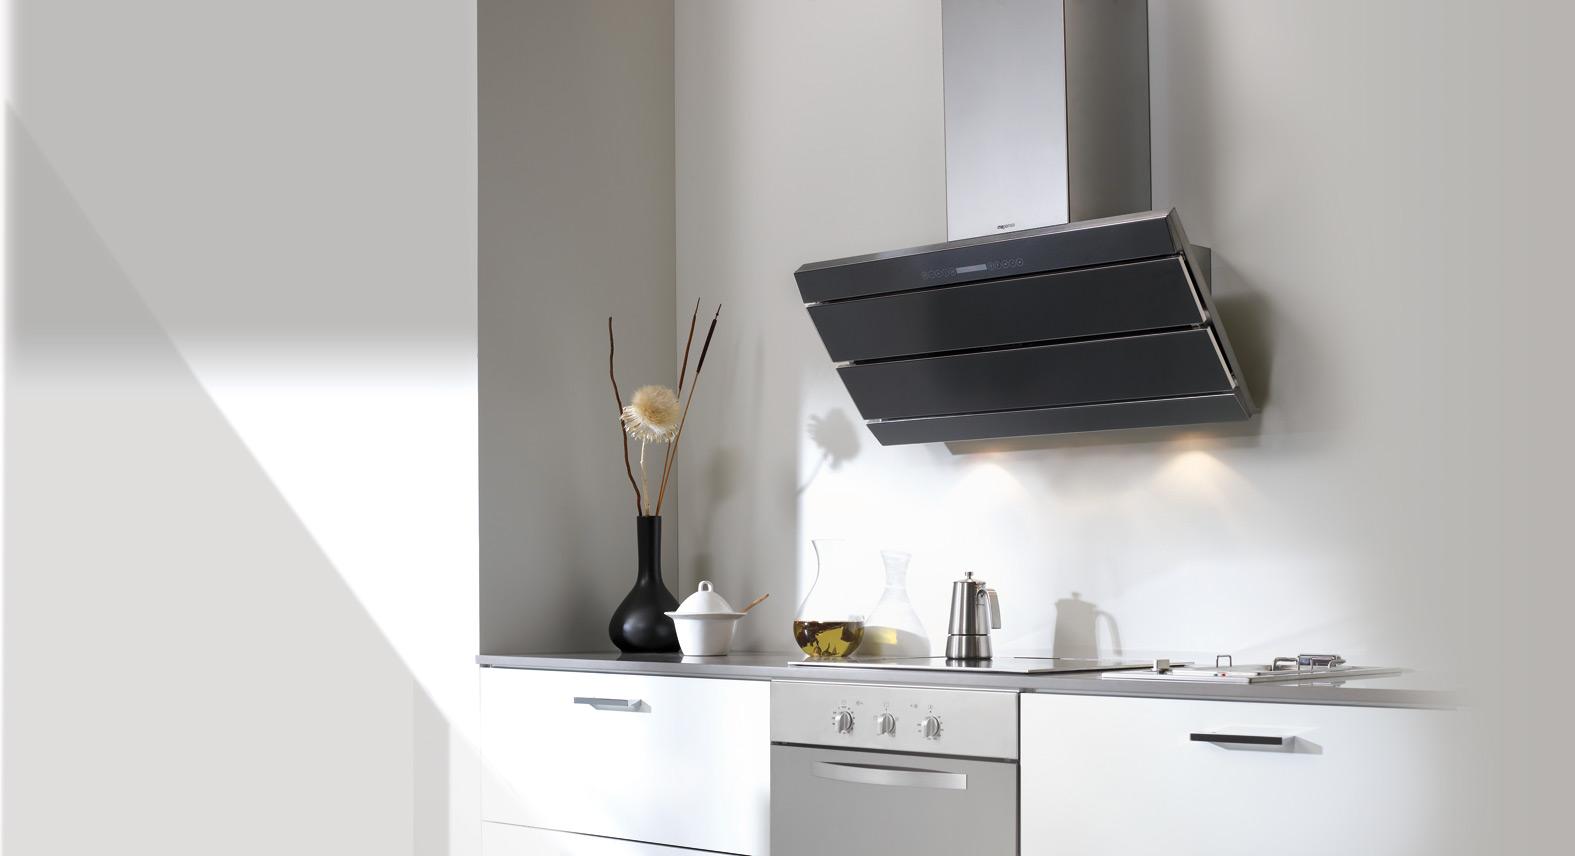 Campanas extractoras adi s a los malos humos la prensa - Campanas de cocina decorativas ...